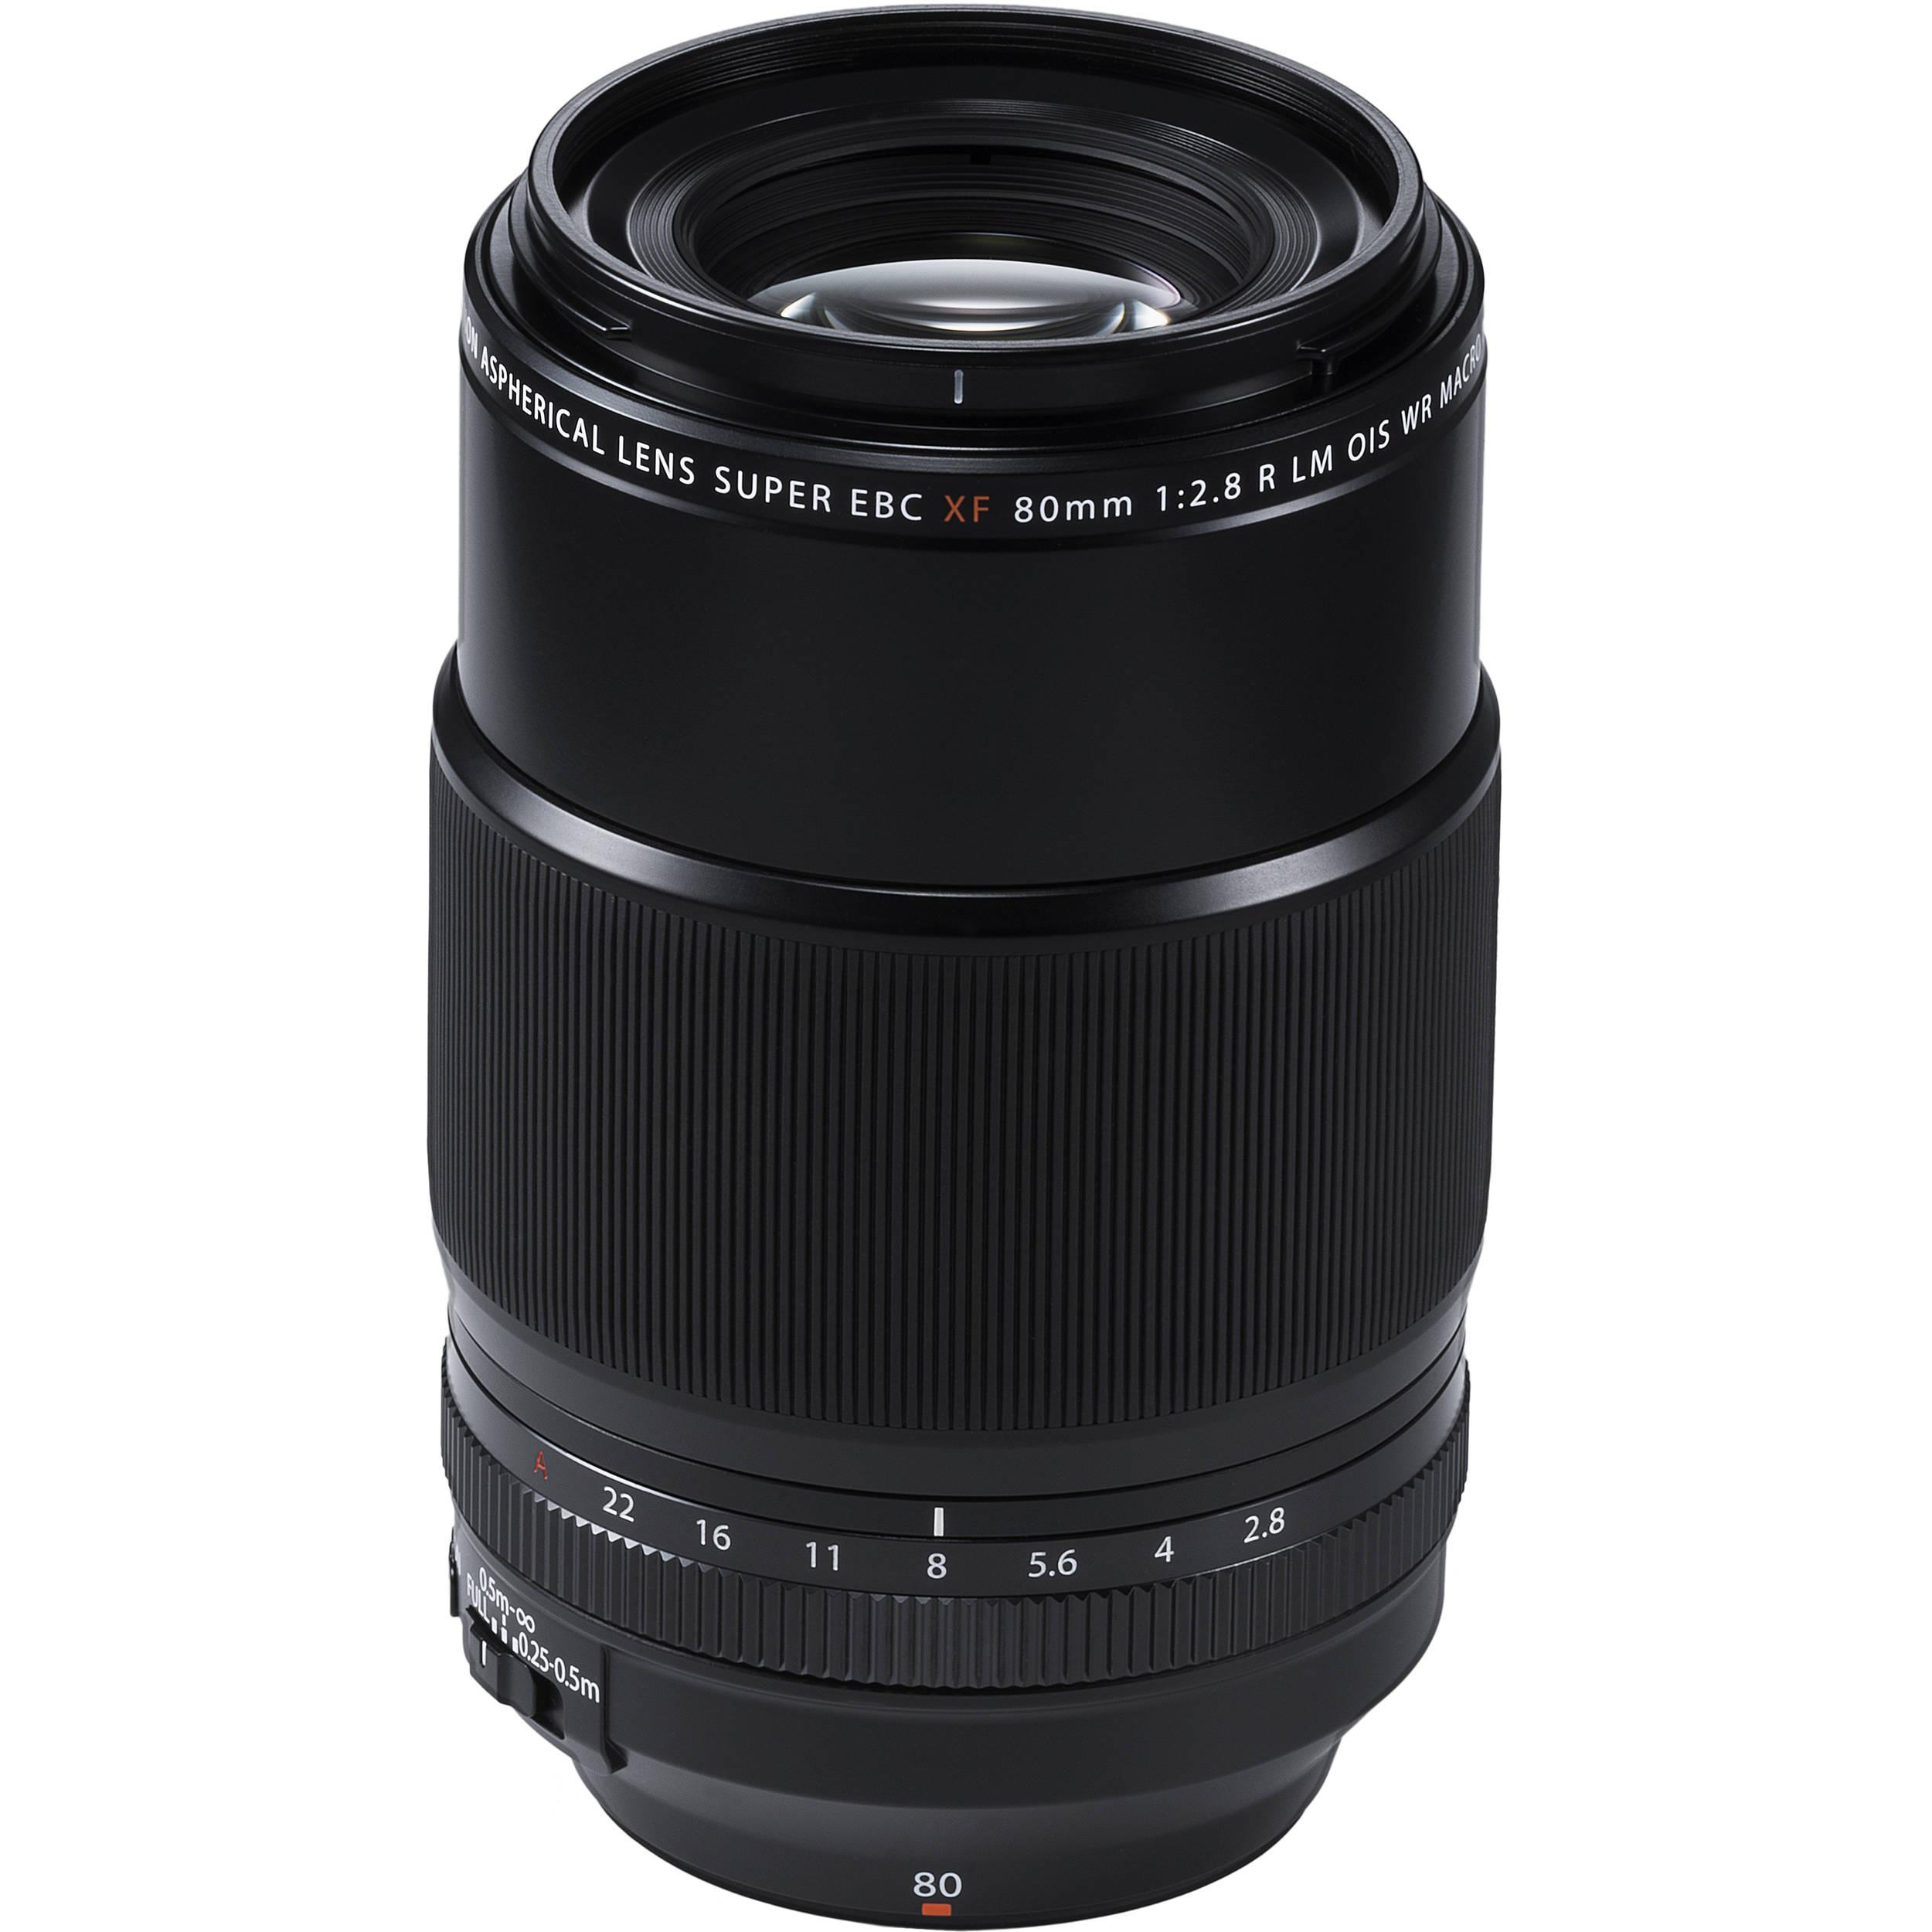 Fujifilm Xf 80mm F 28 R Lm Ois Wr Macro Lens 16559168 Bh Photo 7artisans 12mm For Fuji Black